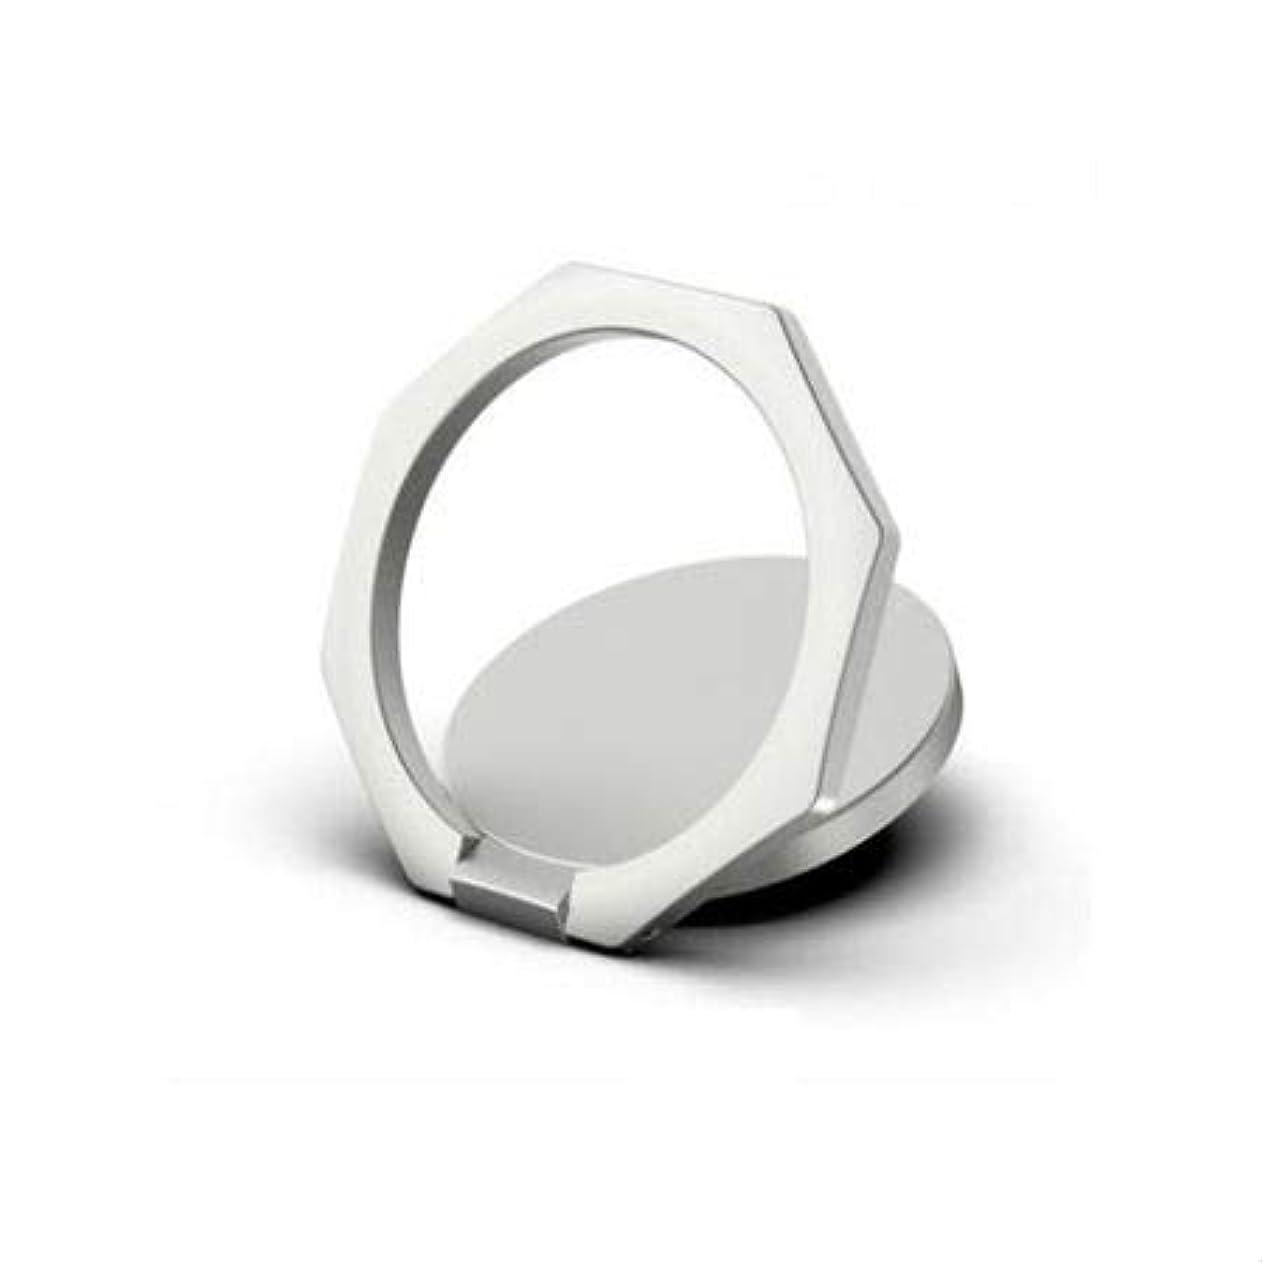 気怠い候補者役員スマホリング silver 銀 携帯リング バンカーリング 落下防止 iPhone スマホ 携帯 電話 リング リングスタンド 指輪型 軽い 薄い 安定 全機種対応 ホルダー リング ホールドリング スタンド